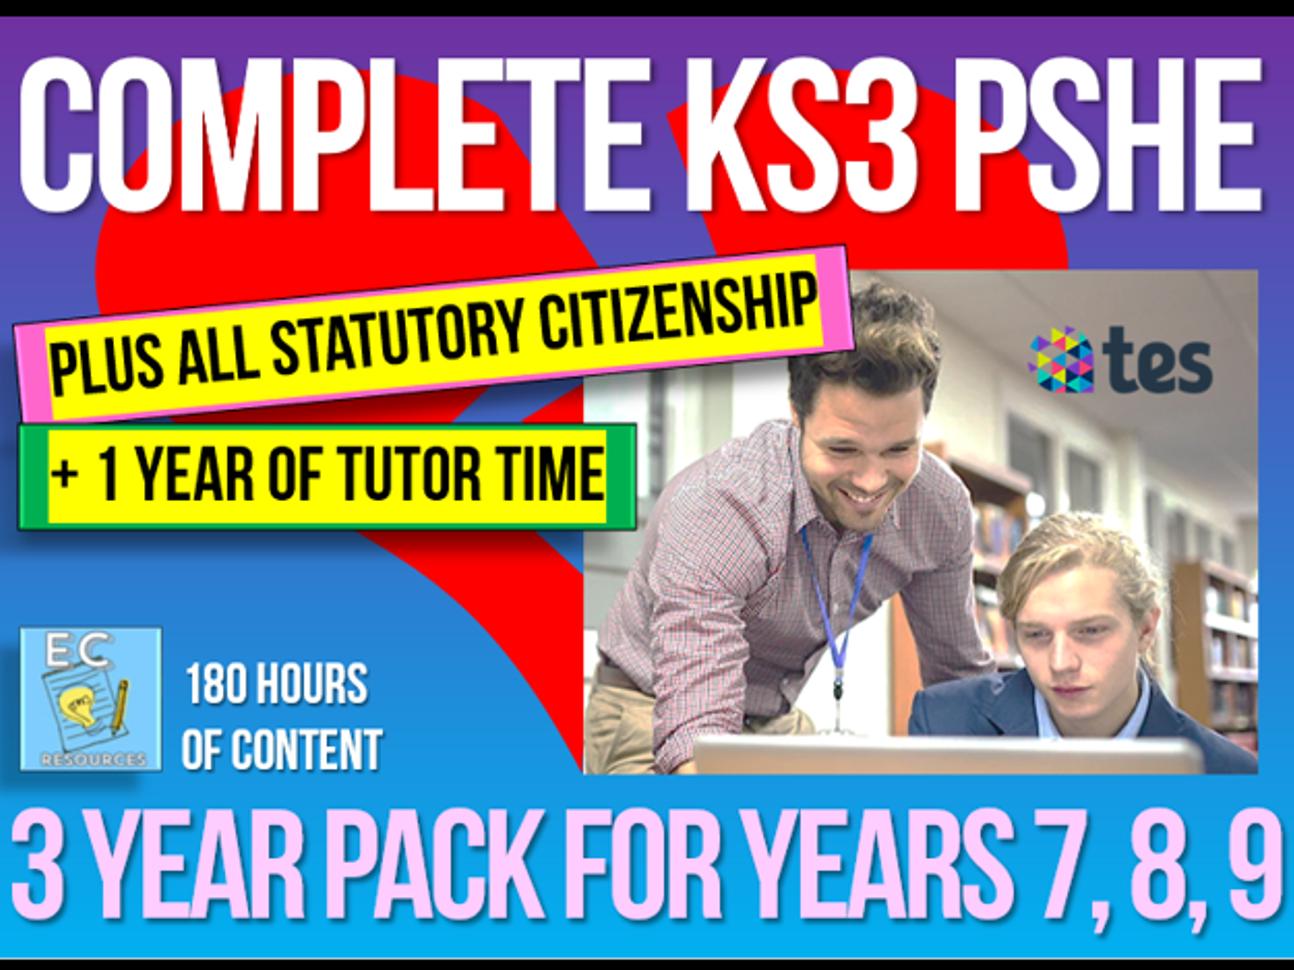 Complete KS3 PSHE + Citizenship + Tutor Time